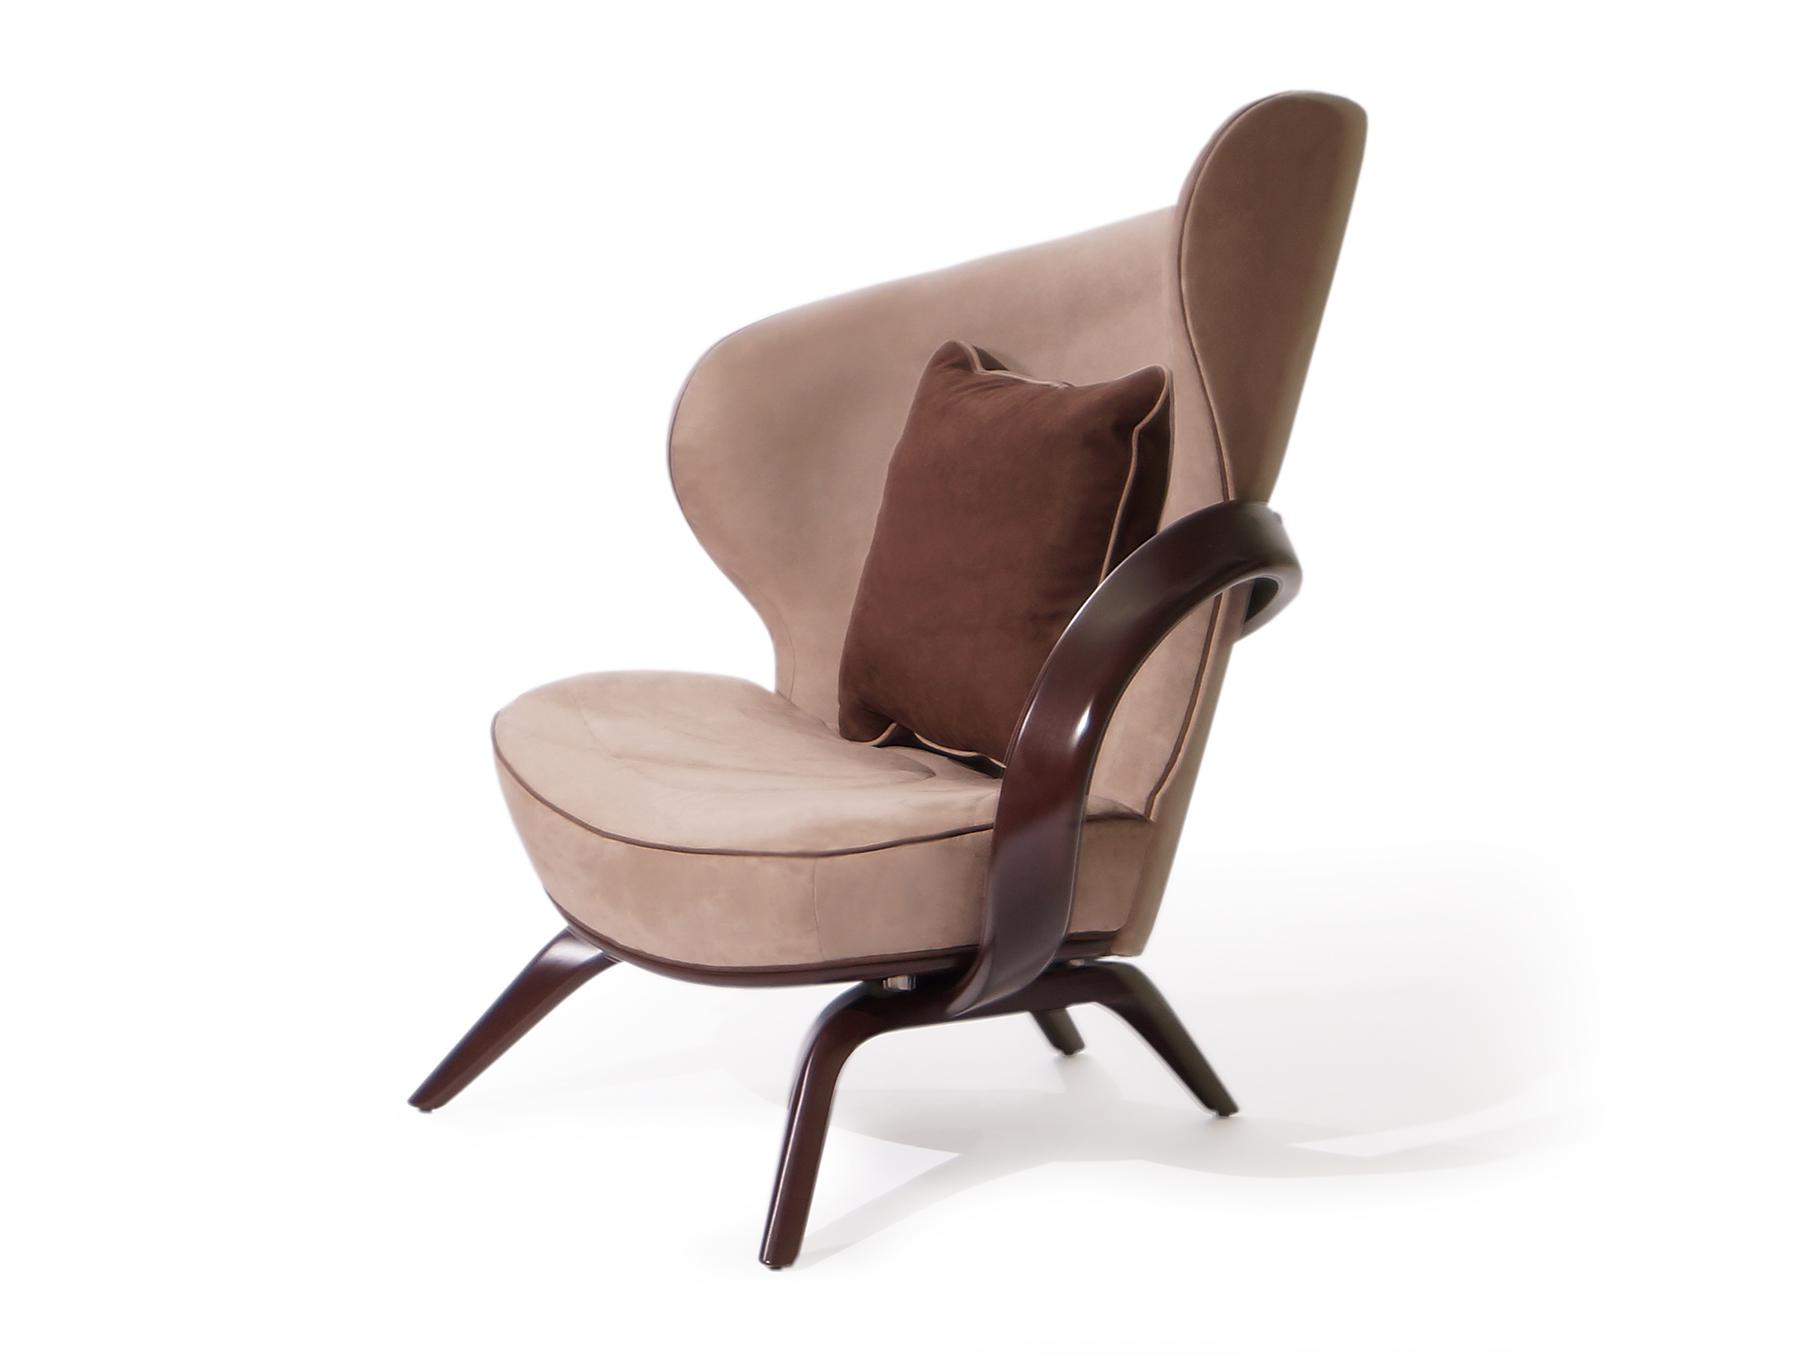 Кресло apriori а (actualdesign) коричневый 85.0x105.0x110.0 см. фото